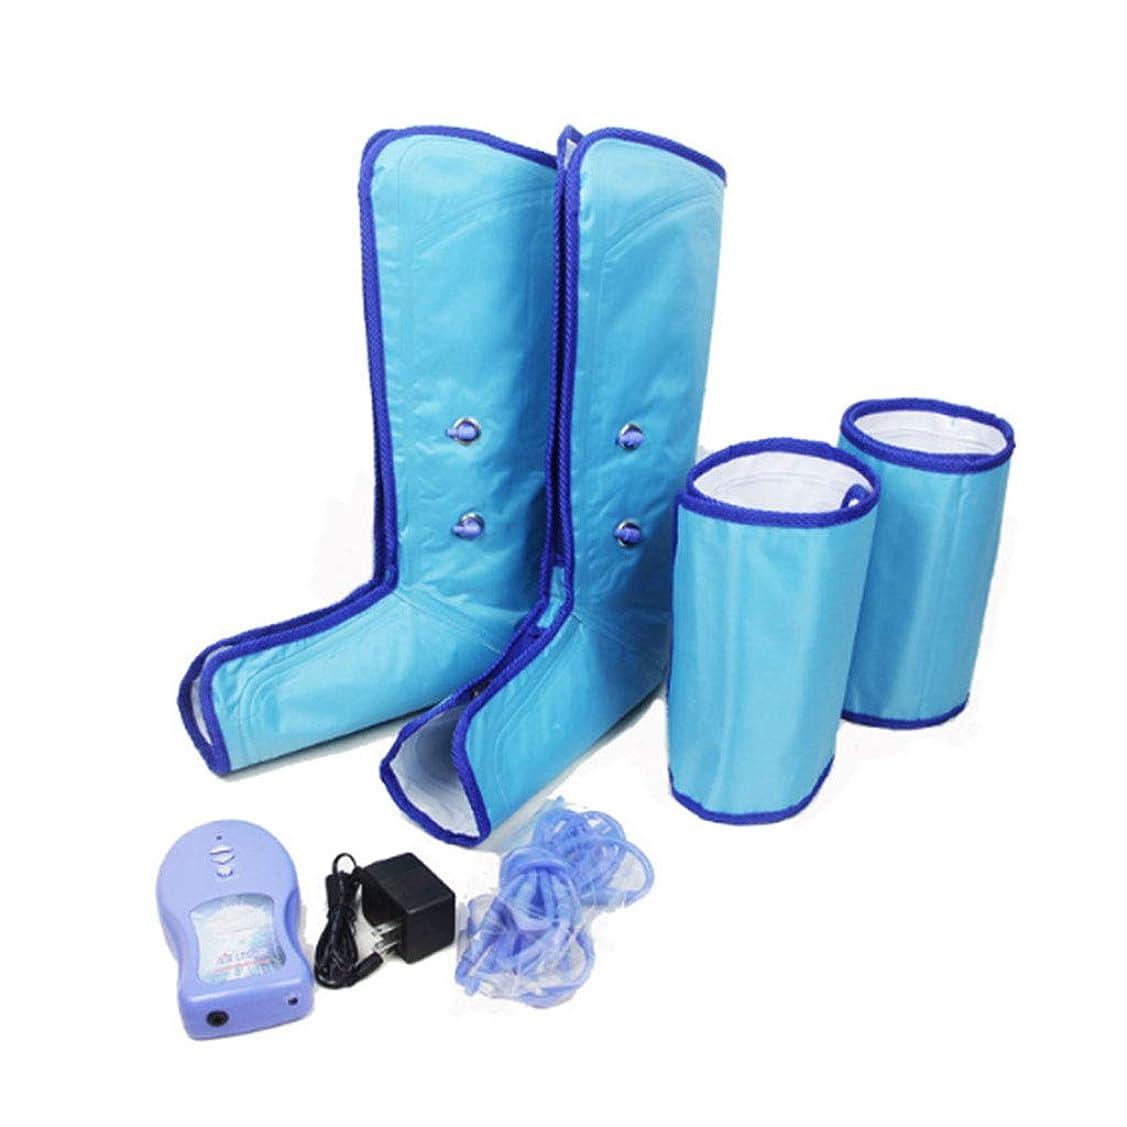 降臨ガイドライン地上で循環および筋肉苦痛救助のための空気圧縮の足覆いのマッサージャー、足のふくらはぎおよび腿の循環のMassagetherapyの足の暖かい人